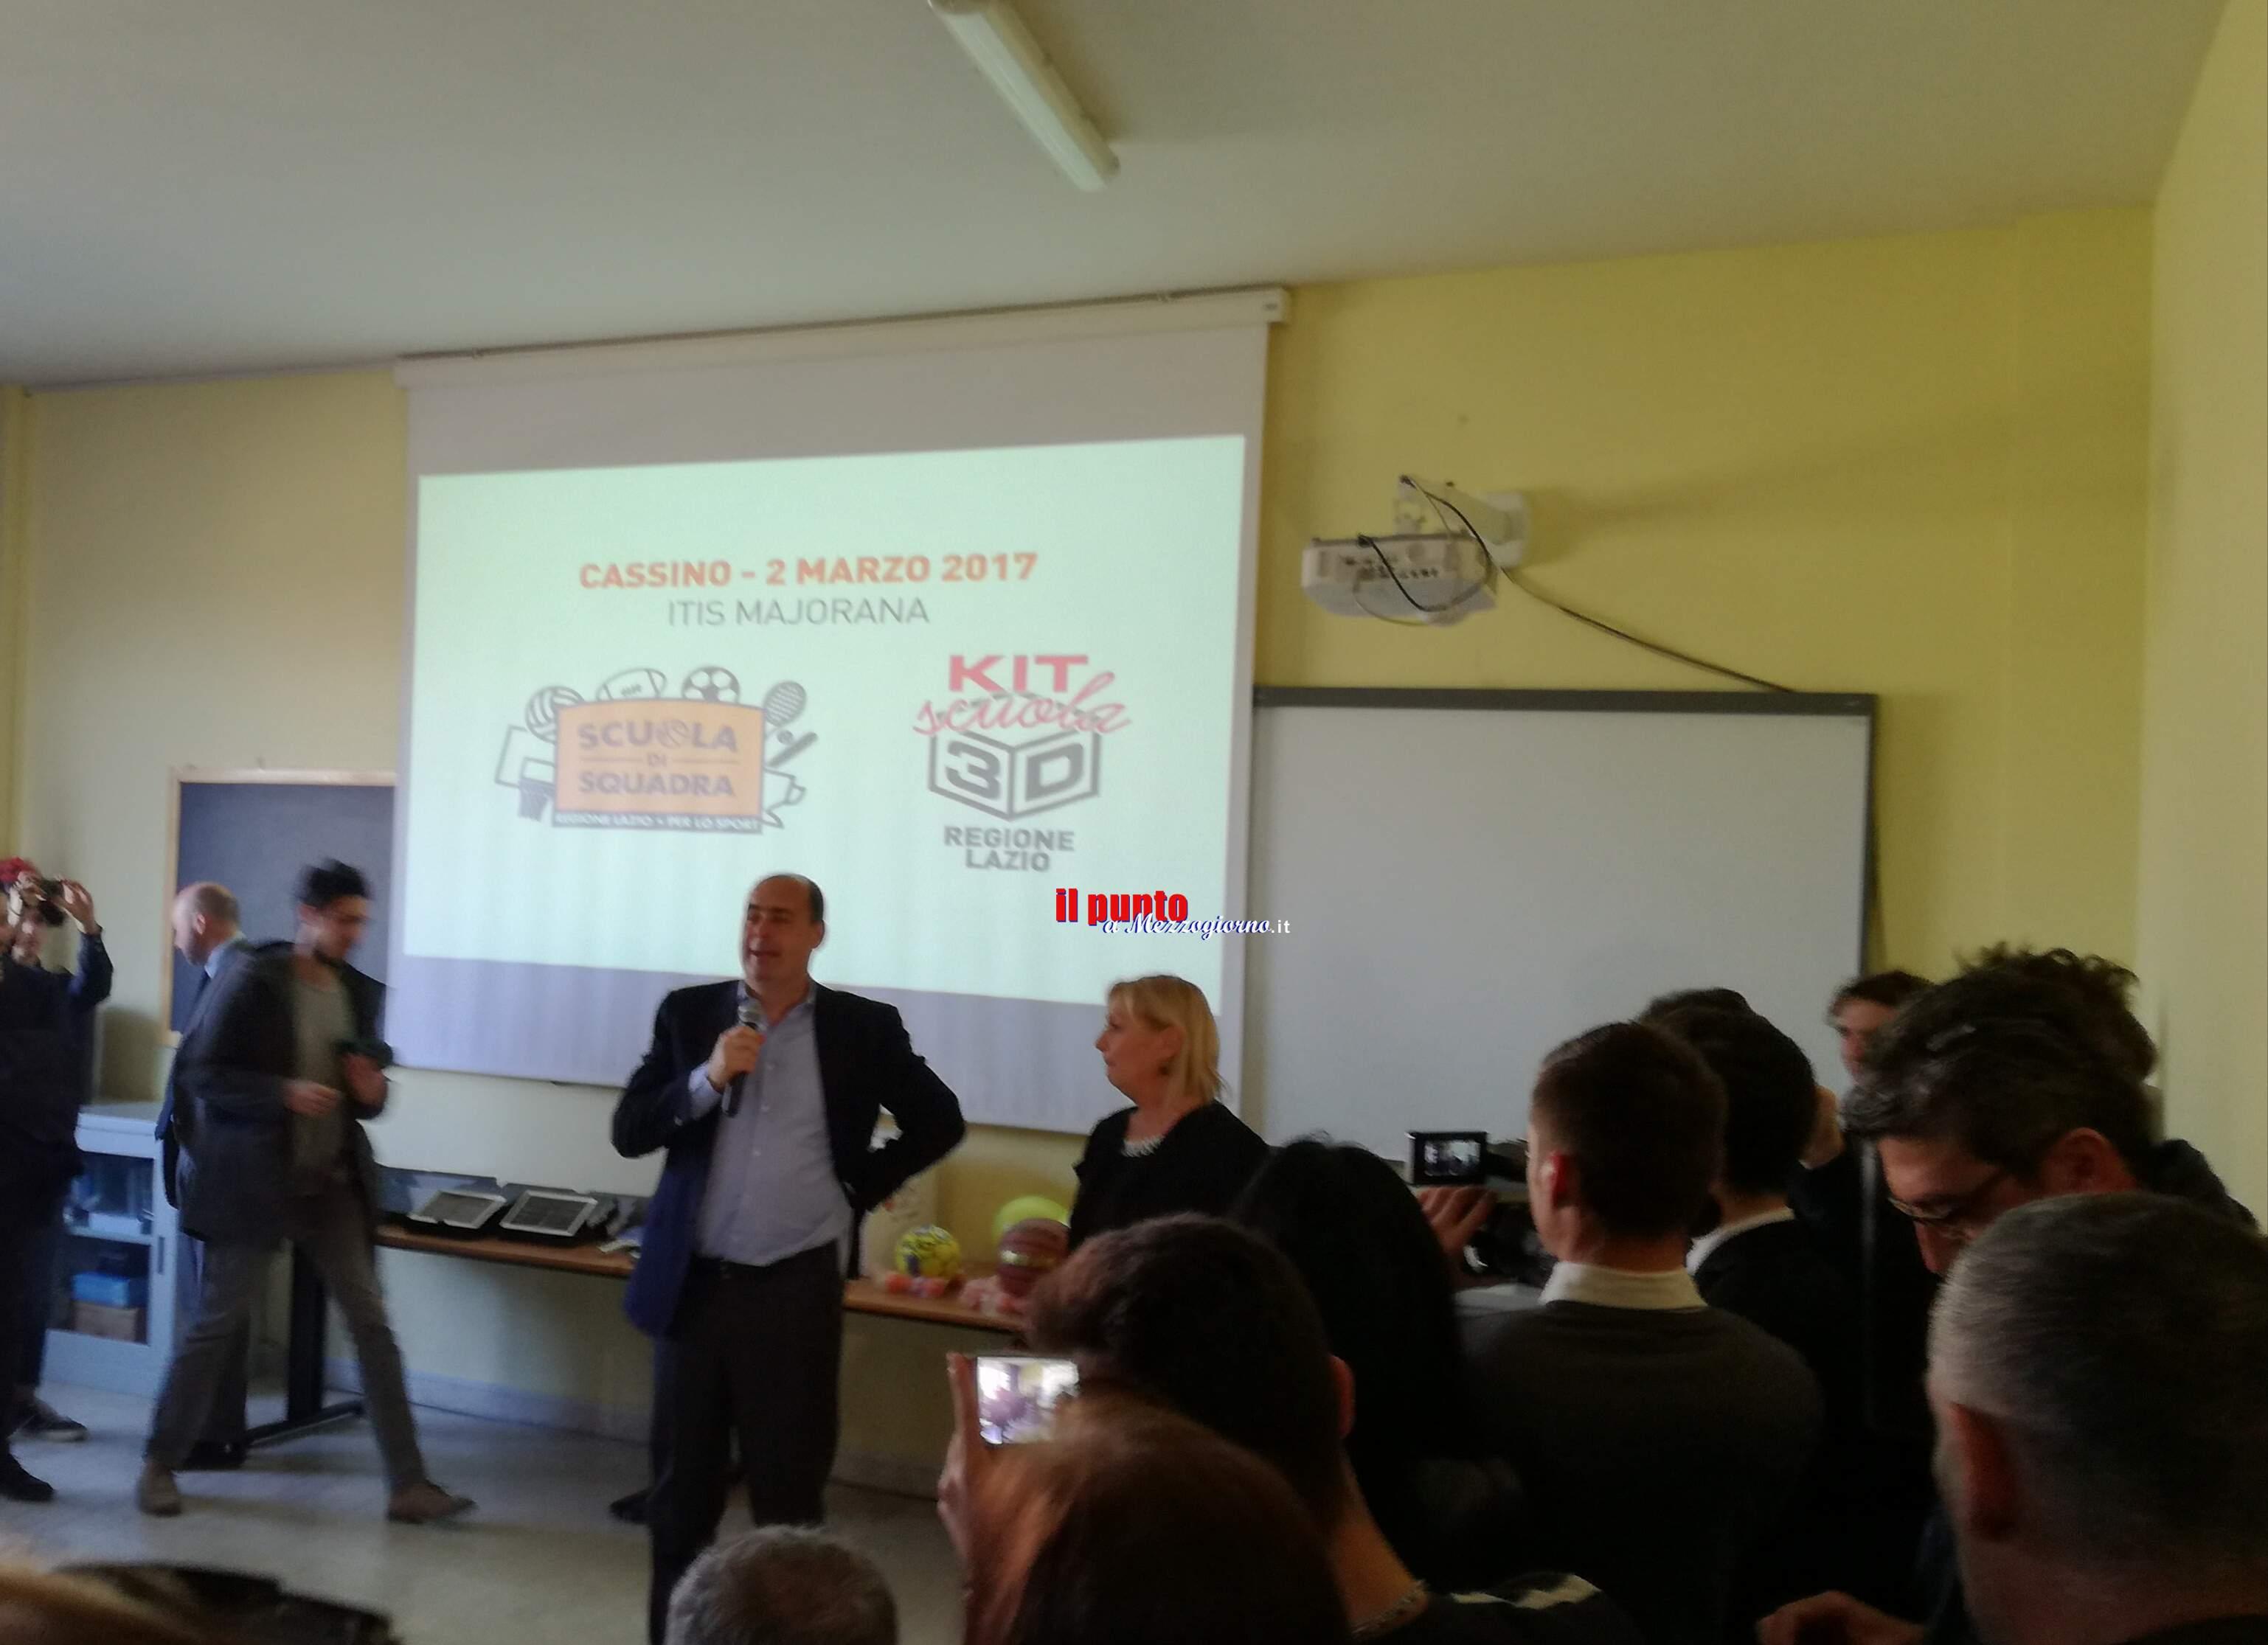 Cassino- Il presidente della Regione Lazio Zingaretti in visita all'Itis di Cassino